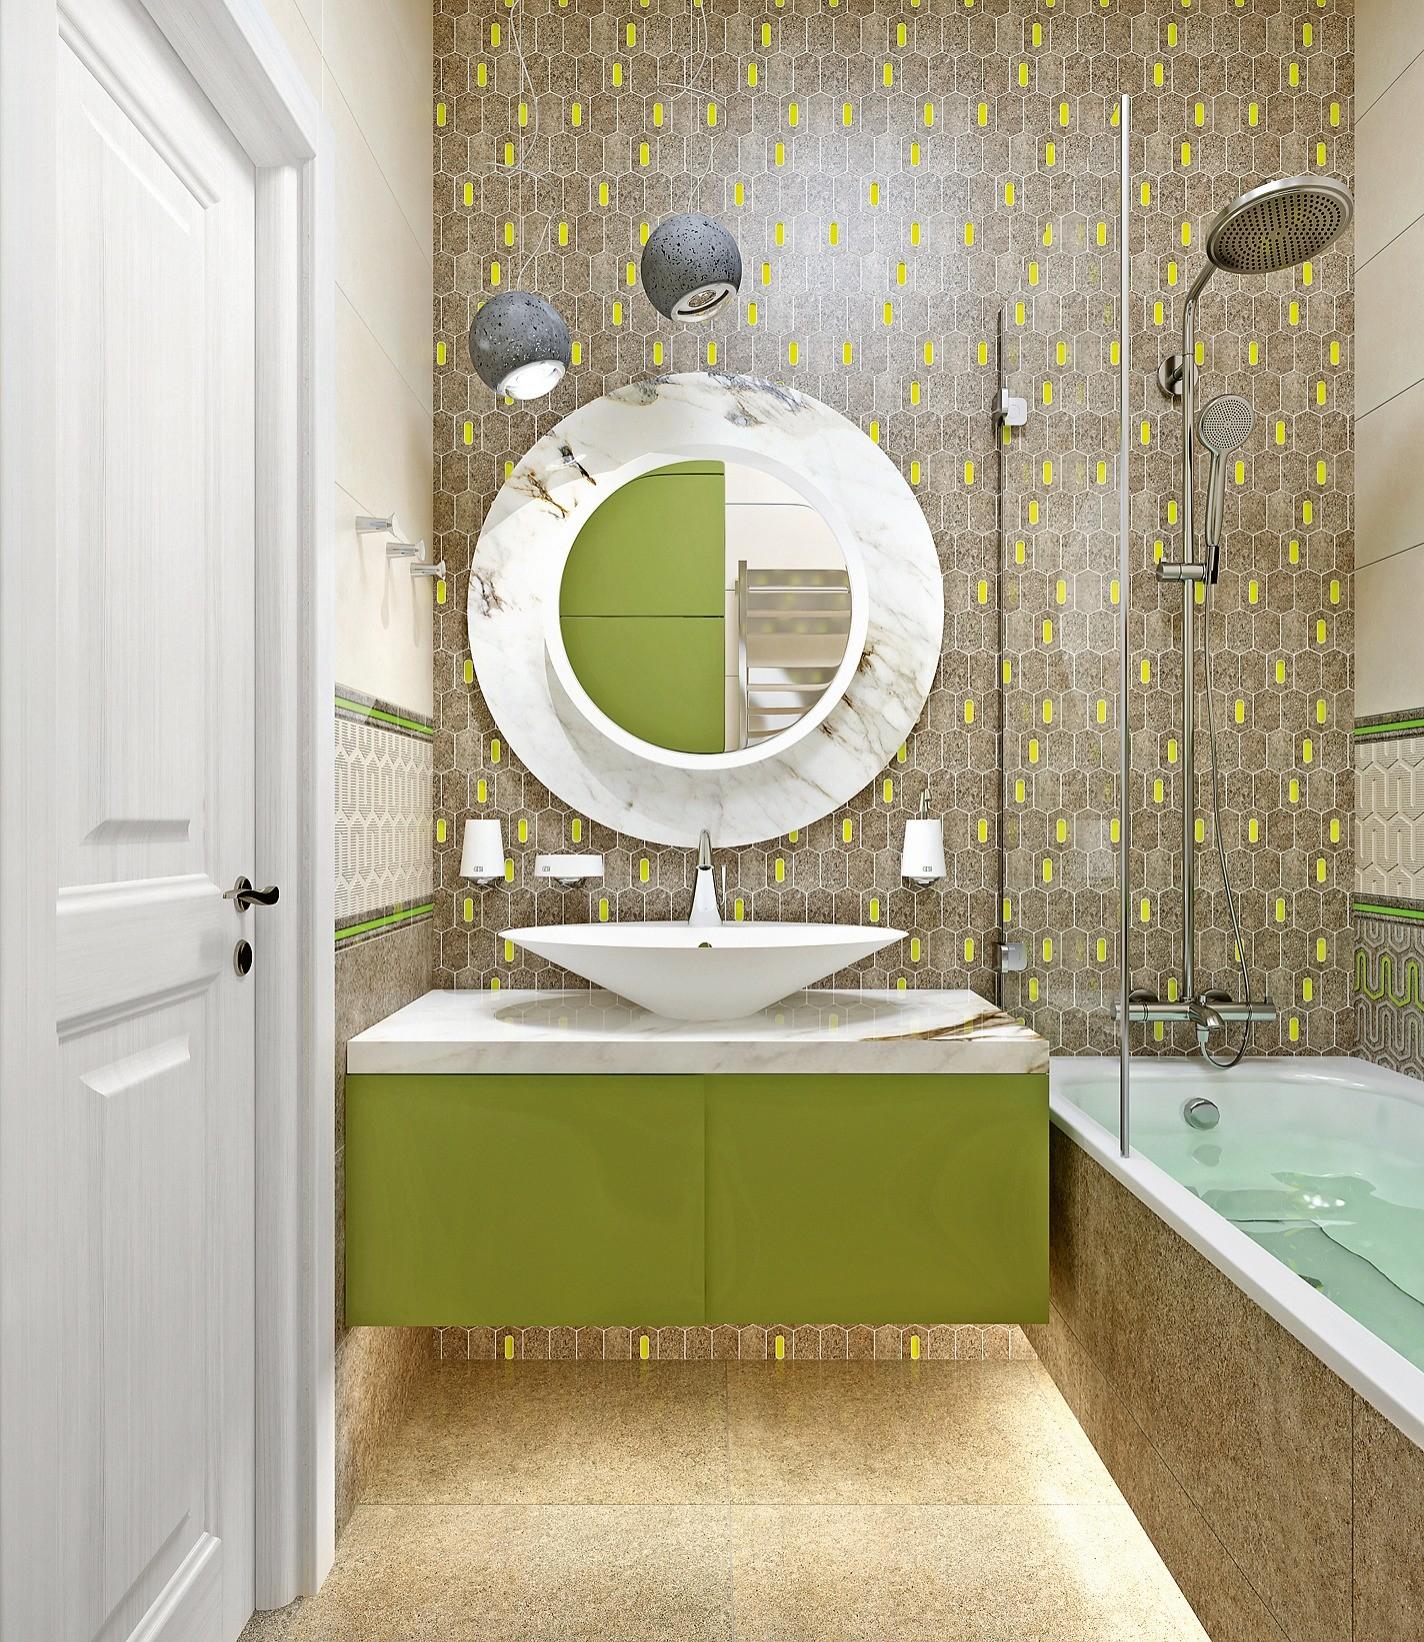 Сантехоборудование и технику расположат по ёмкой П-образной схеме, благодаря чему центр влажной зоны останется свободным. В стене между помещениями со стороны ванной организуют ниши-полки...